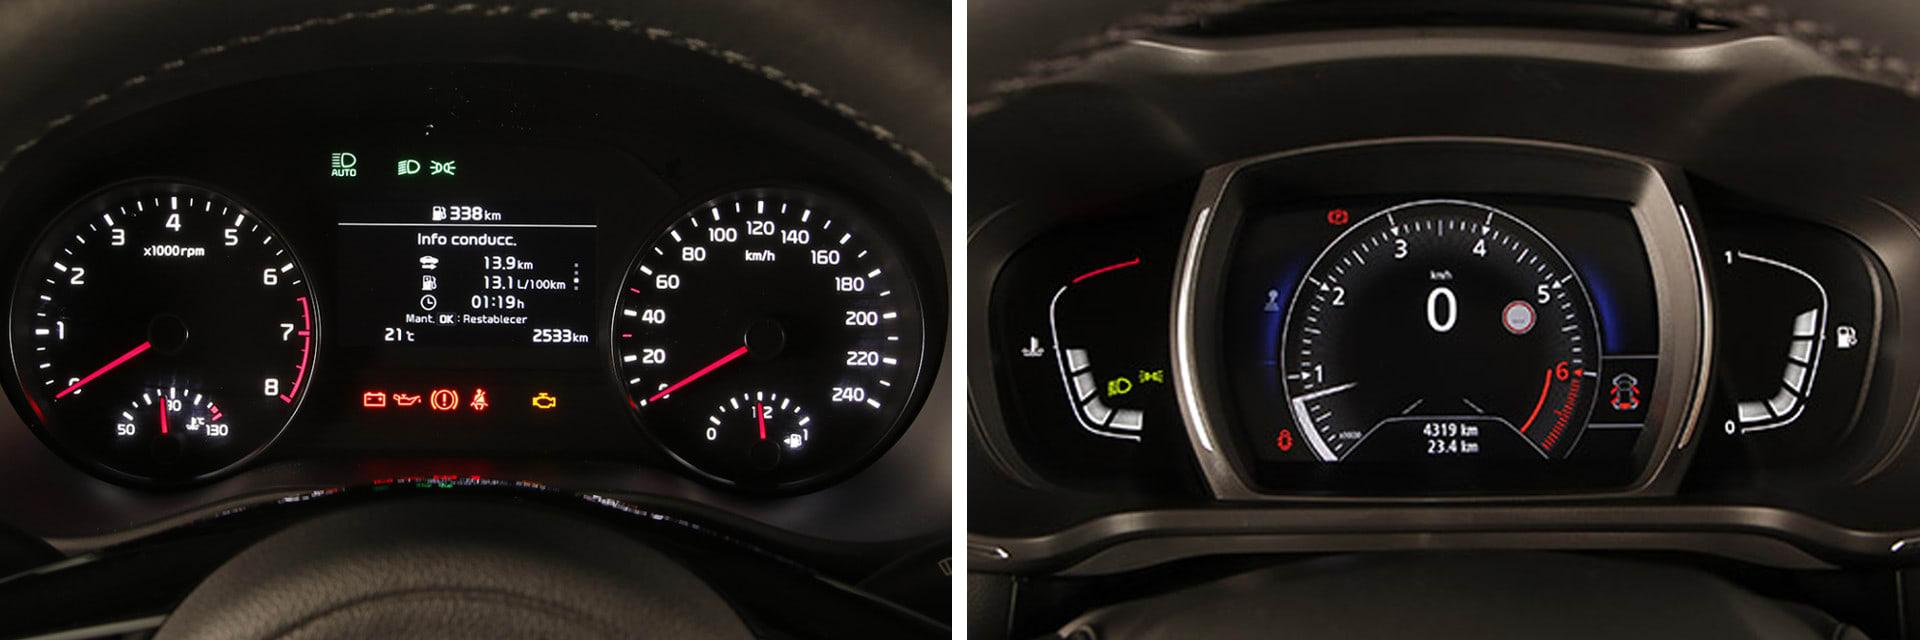 Las instrumentaciones tienen buena visualización en ambos vehículos. Ninguno de los dos dispone de pantalla digital.